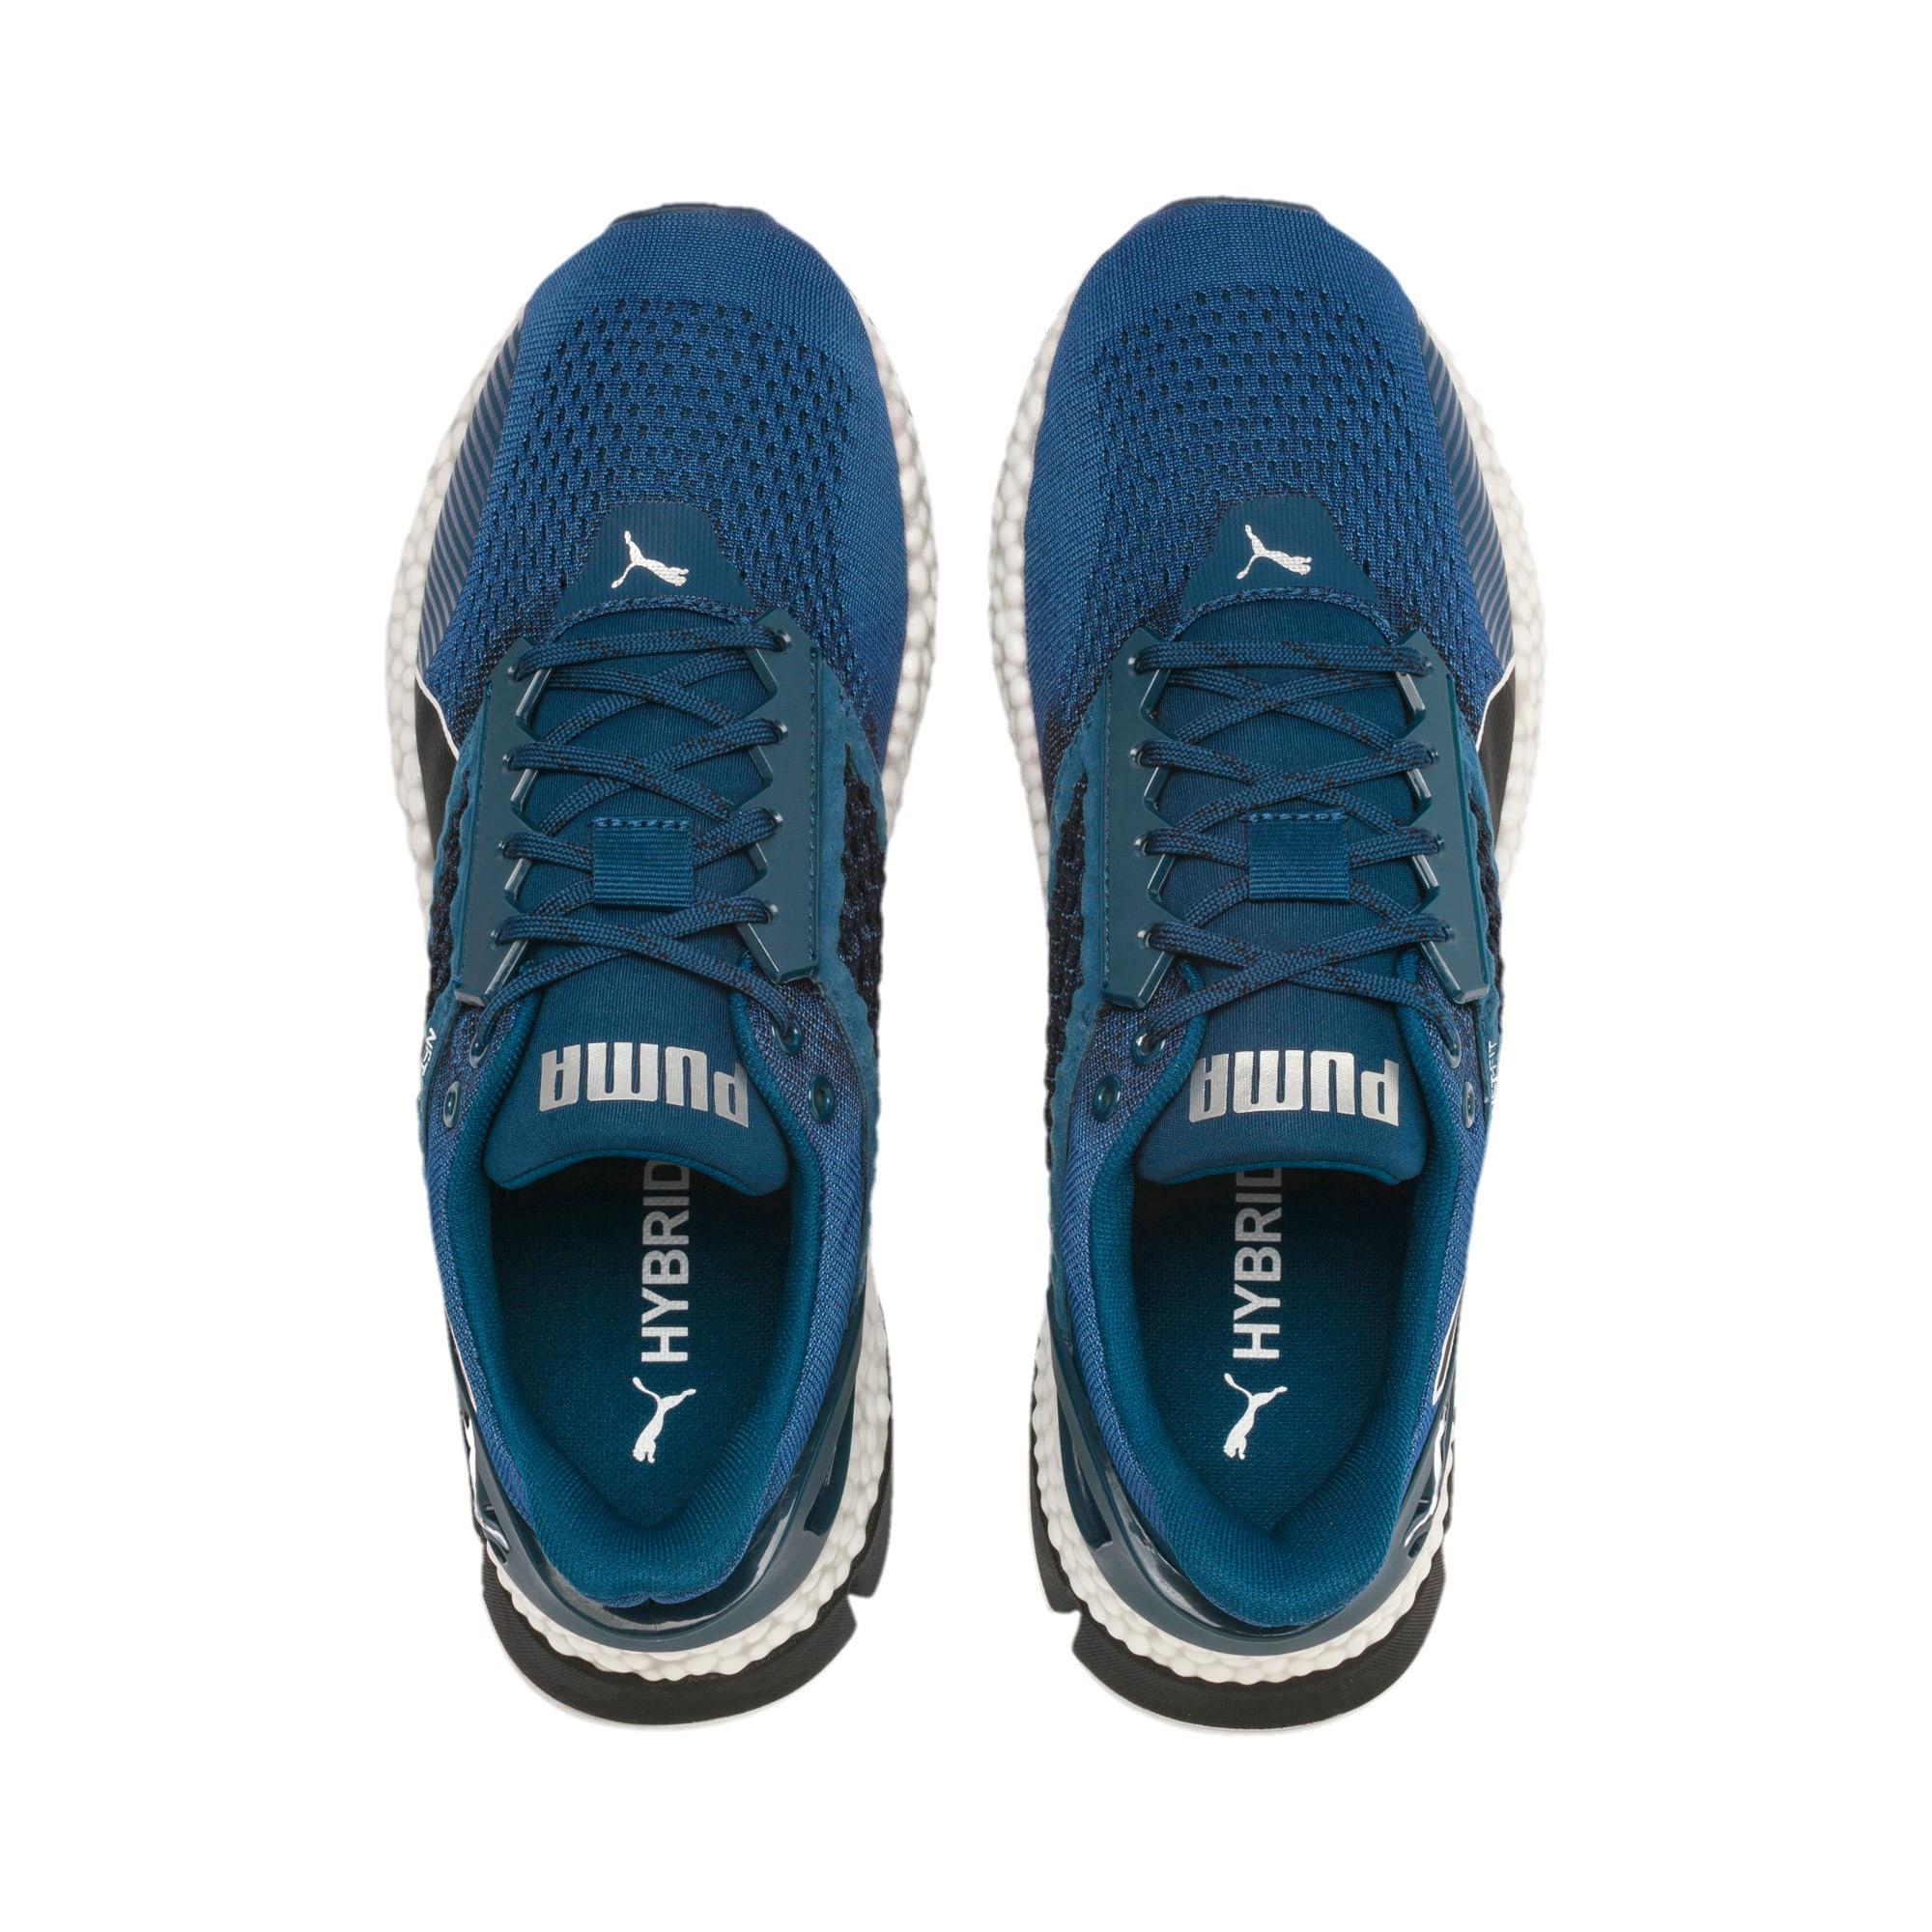 Thumbnail 8 of HYBRID Astro Men's Running Shoes, Black-Gibraltr Sea-Jaffa Org, medium